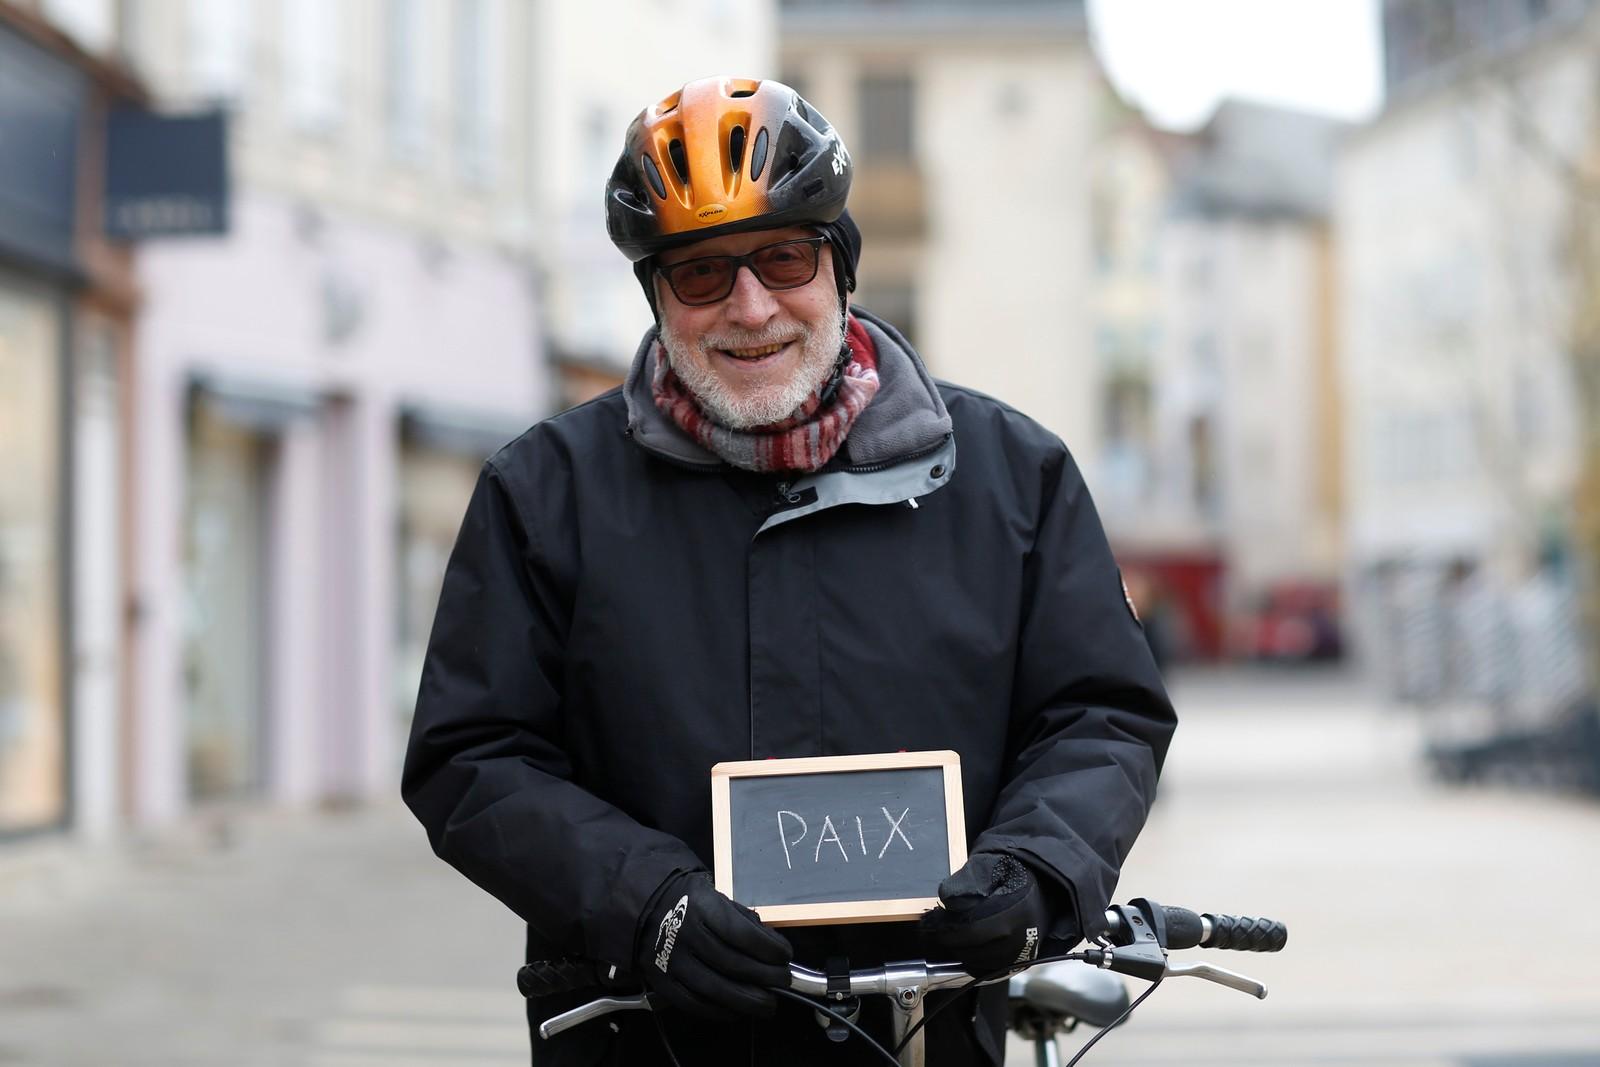 """Jean-Claude P (68) har gått av med pensjon og ber politikerne om å fokusere på tiltak for fred. """"Jeg har en drøm om en politiker som gir oss arbeidsplasser og fred. Fred i verden, det er det viktigste av alt""""."""